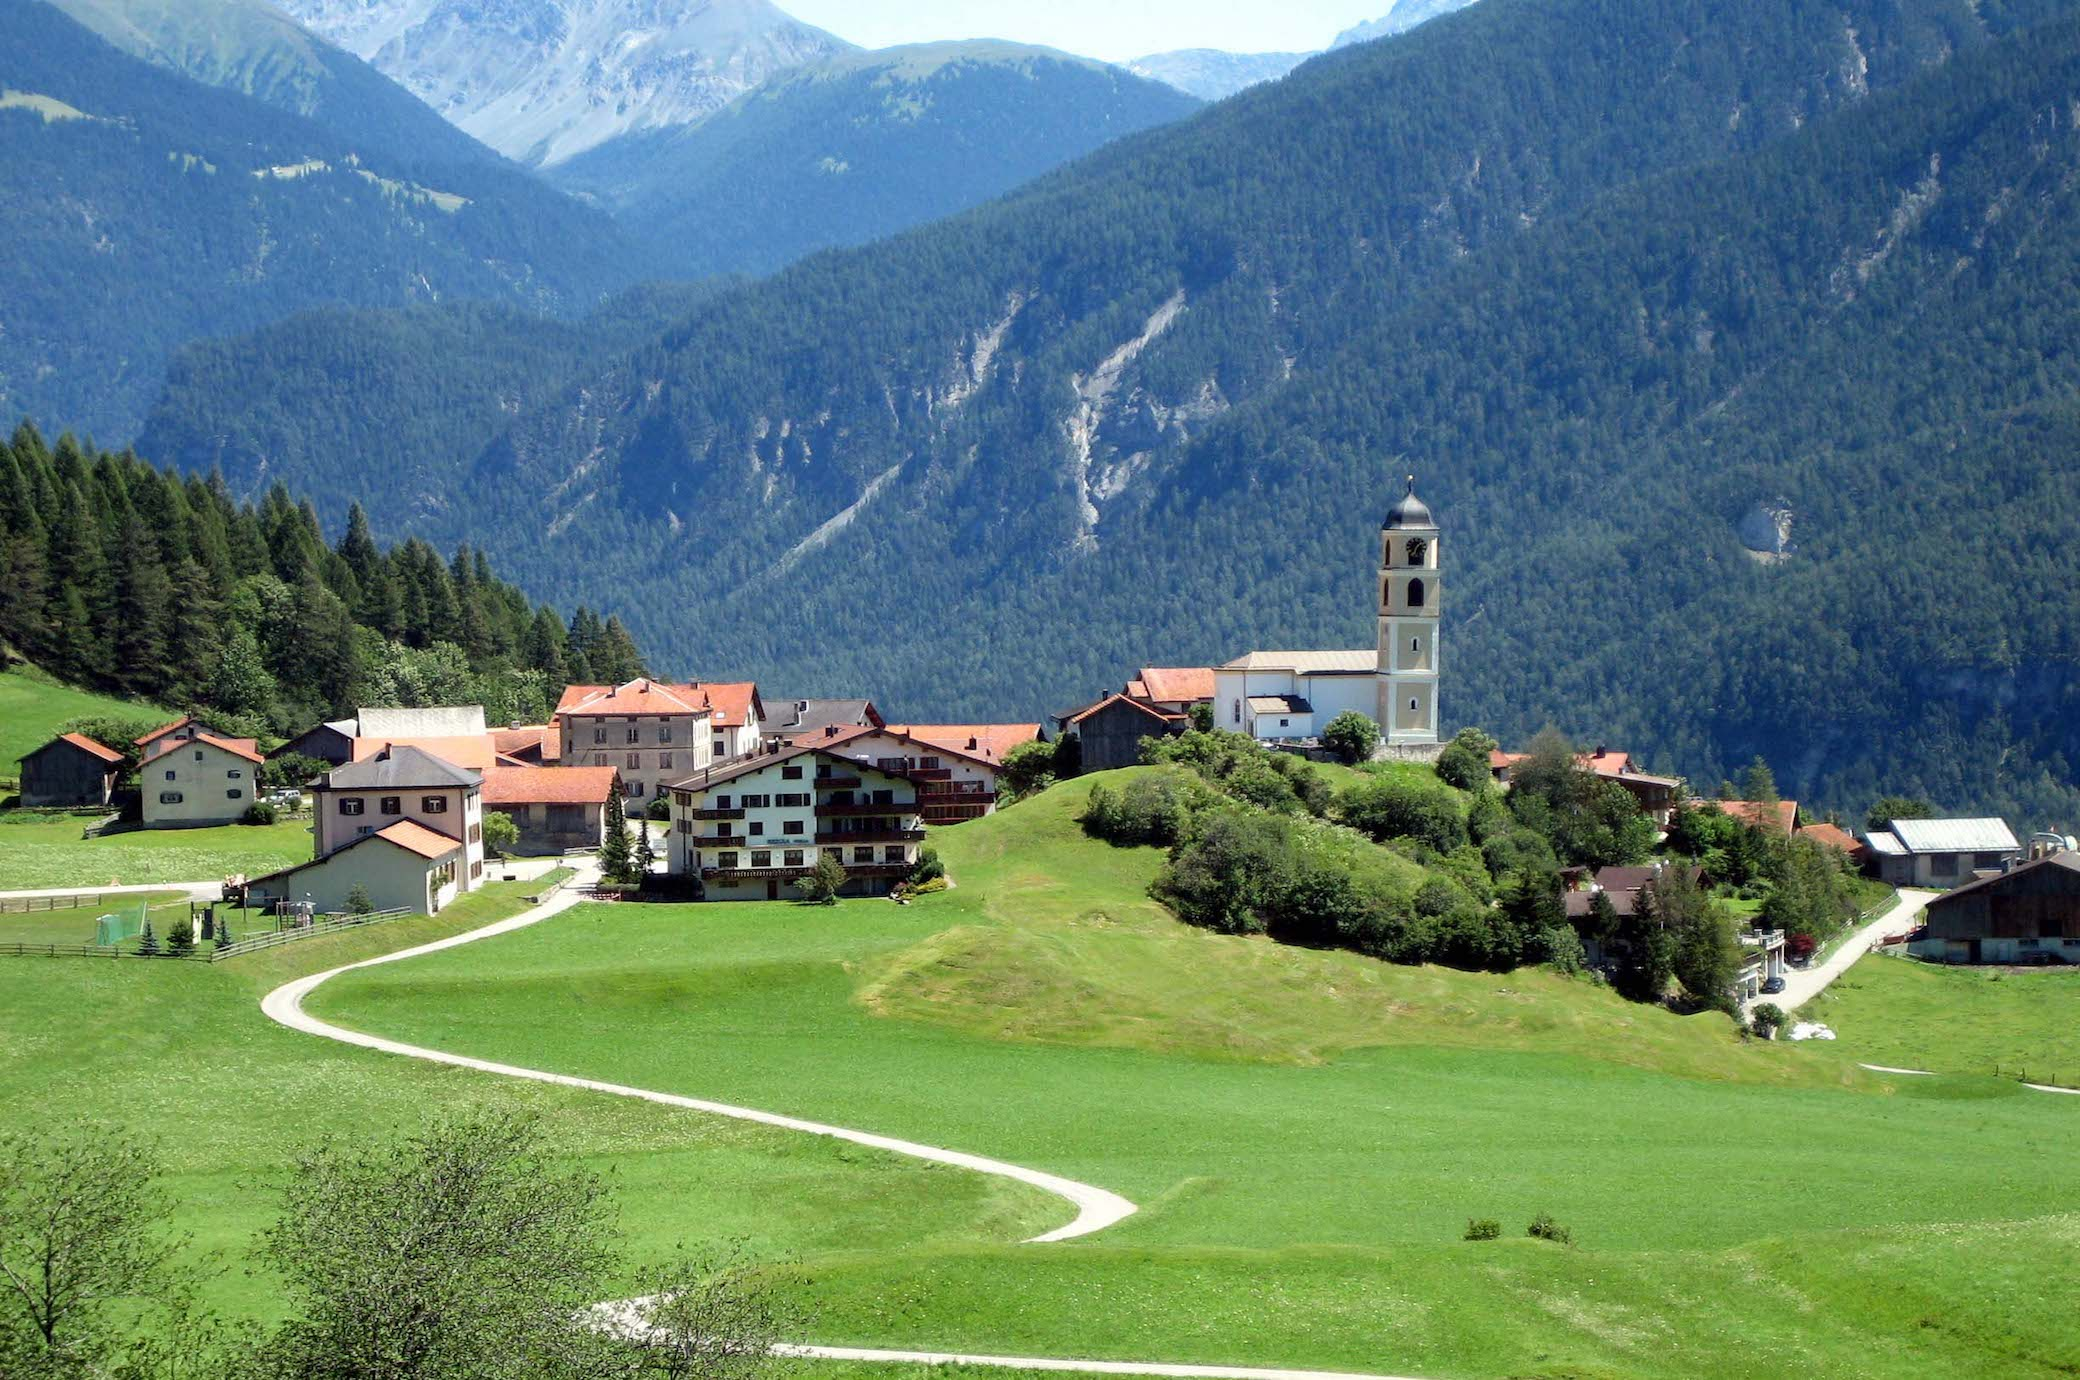 Dieses Schweizer Bergdorf rutscht einen Meter pro Jahr ab